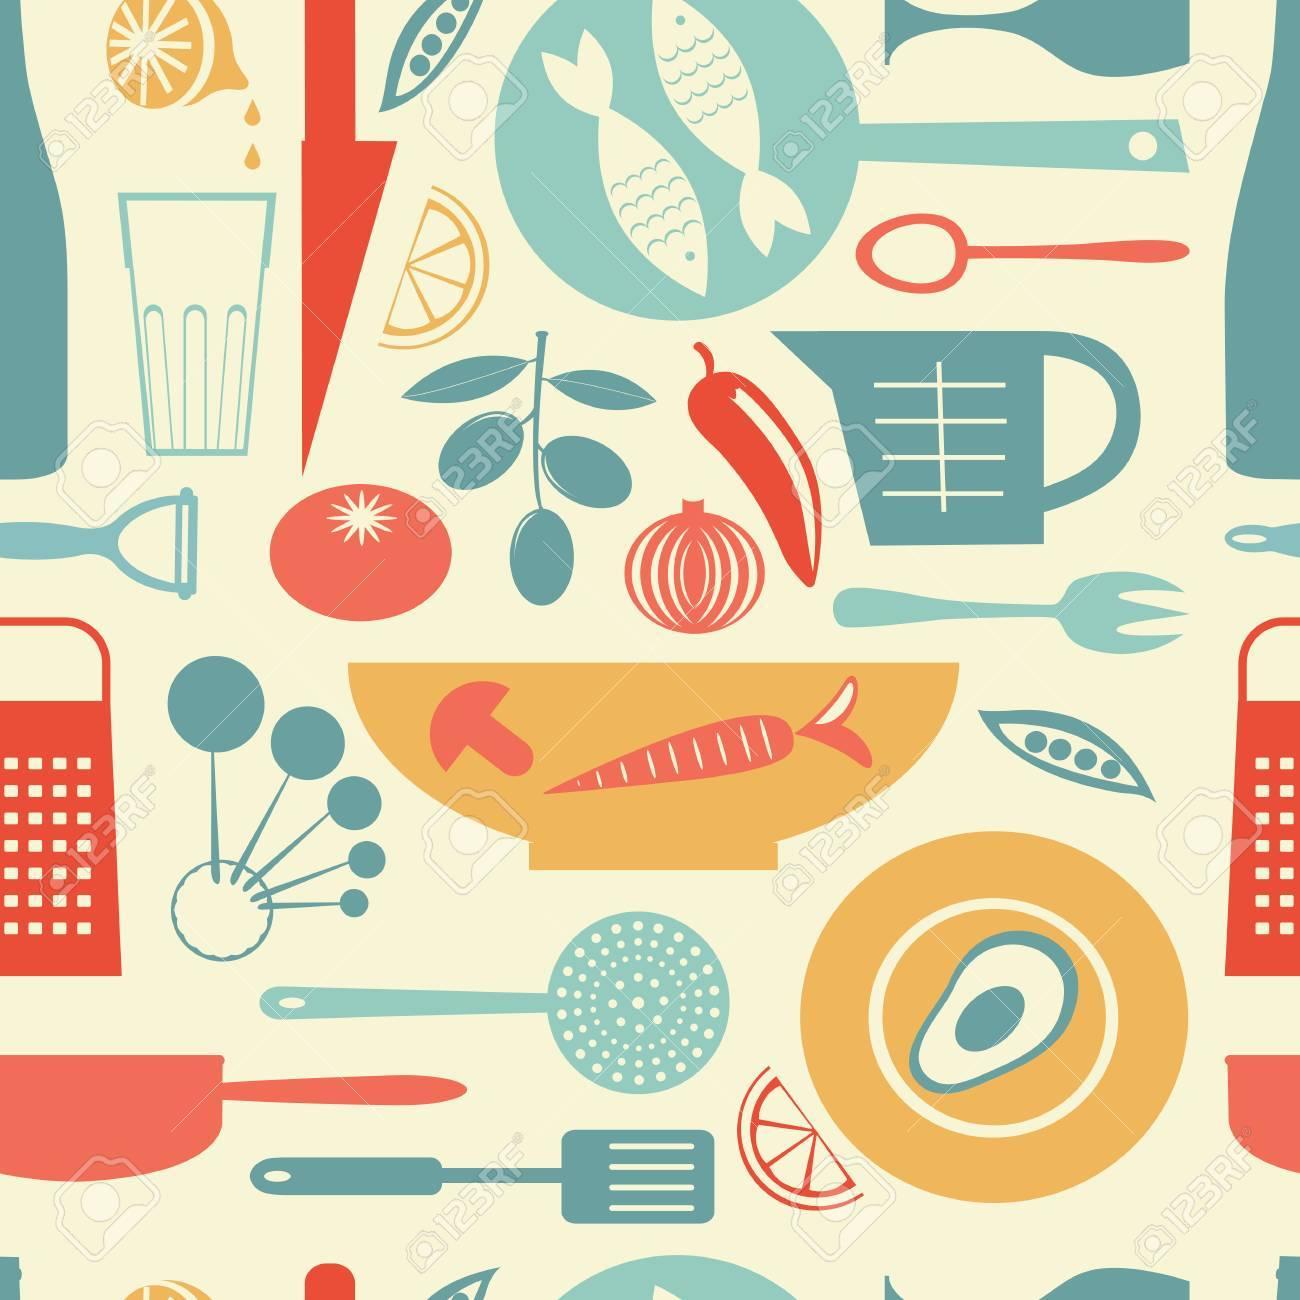 Eine Bunte Kuche Muster Vektor Illustration Lizenzfrei Nutzbare